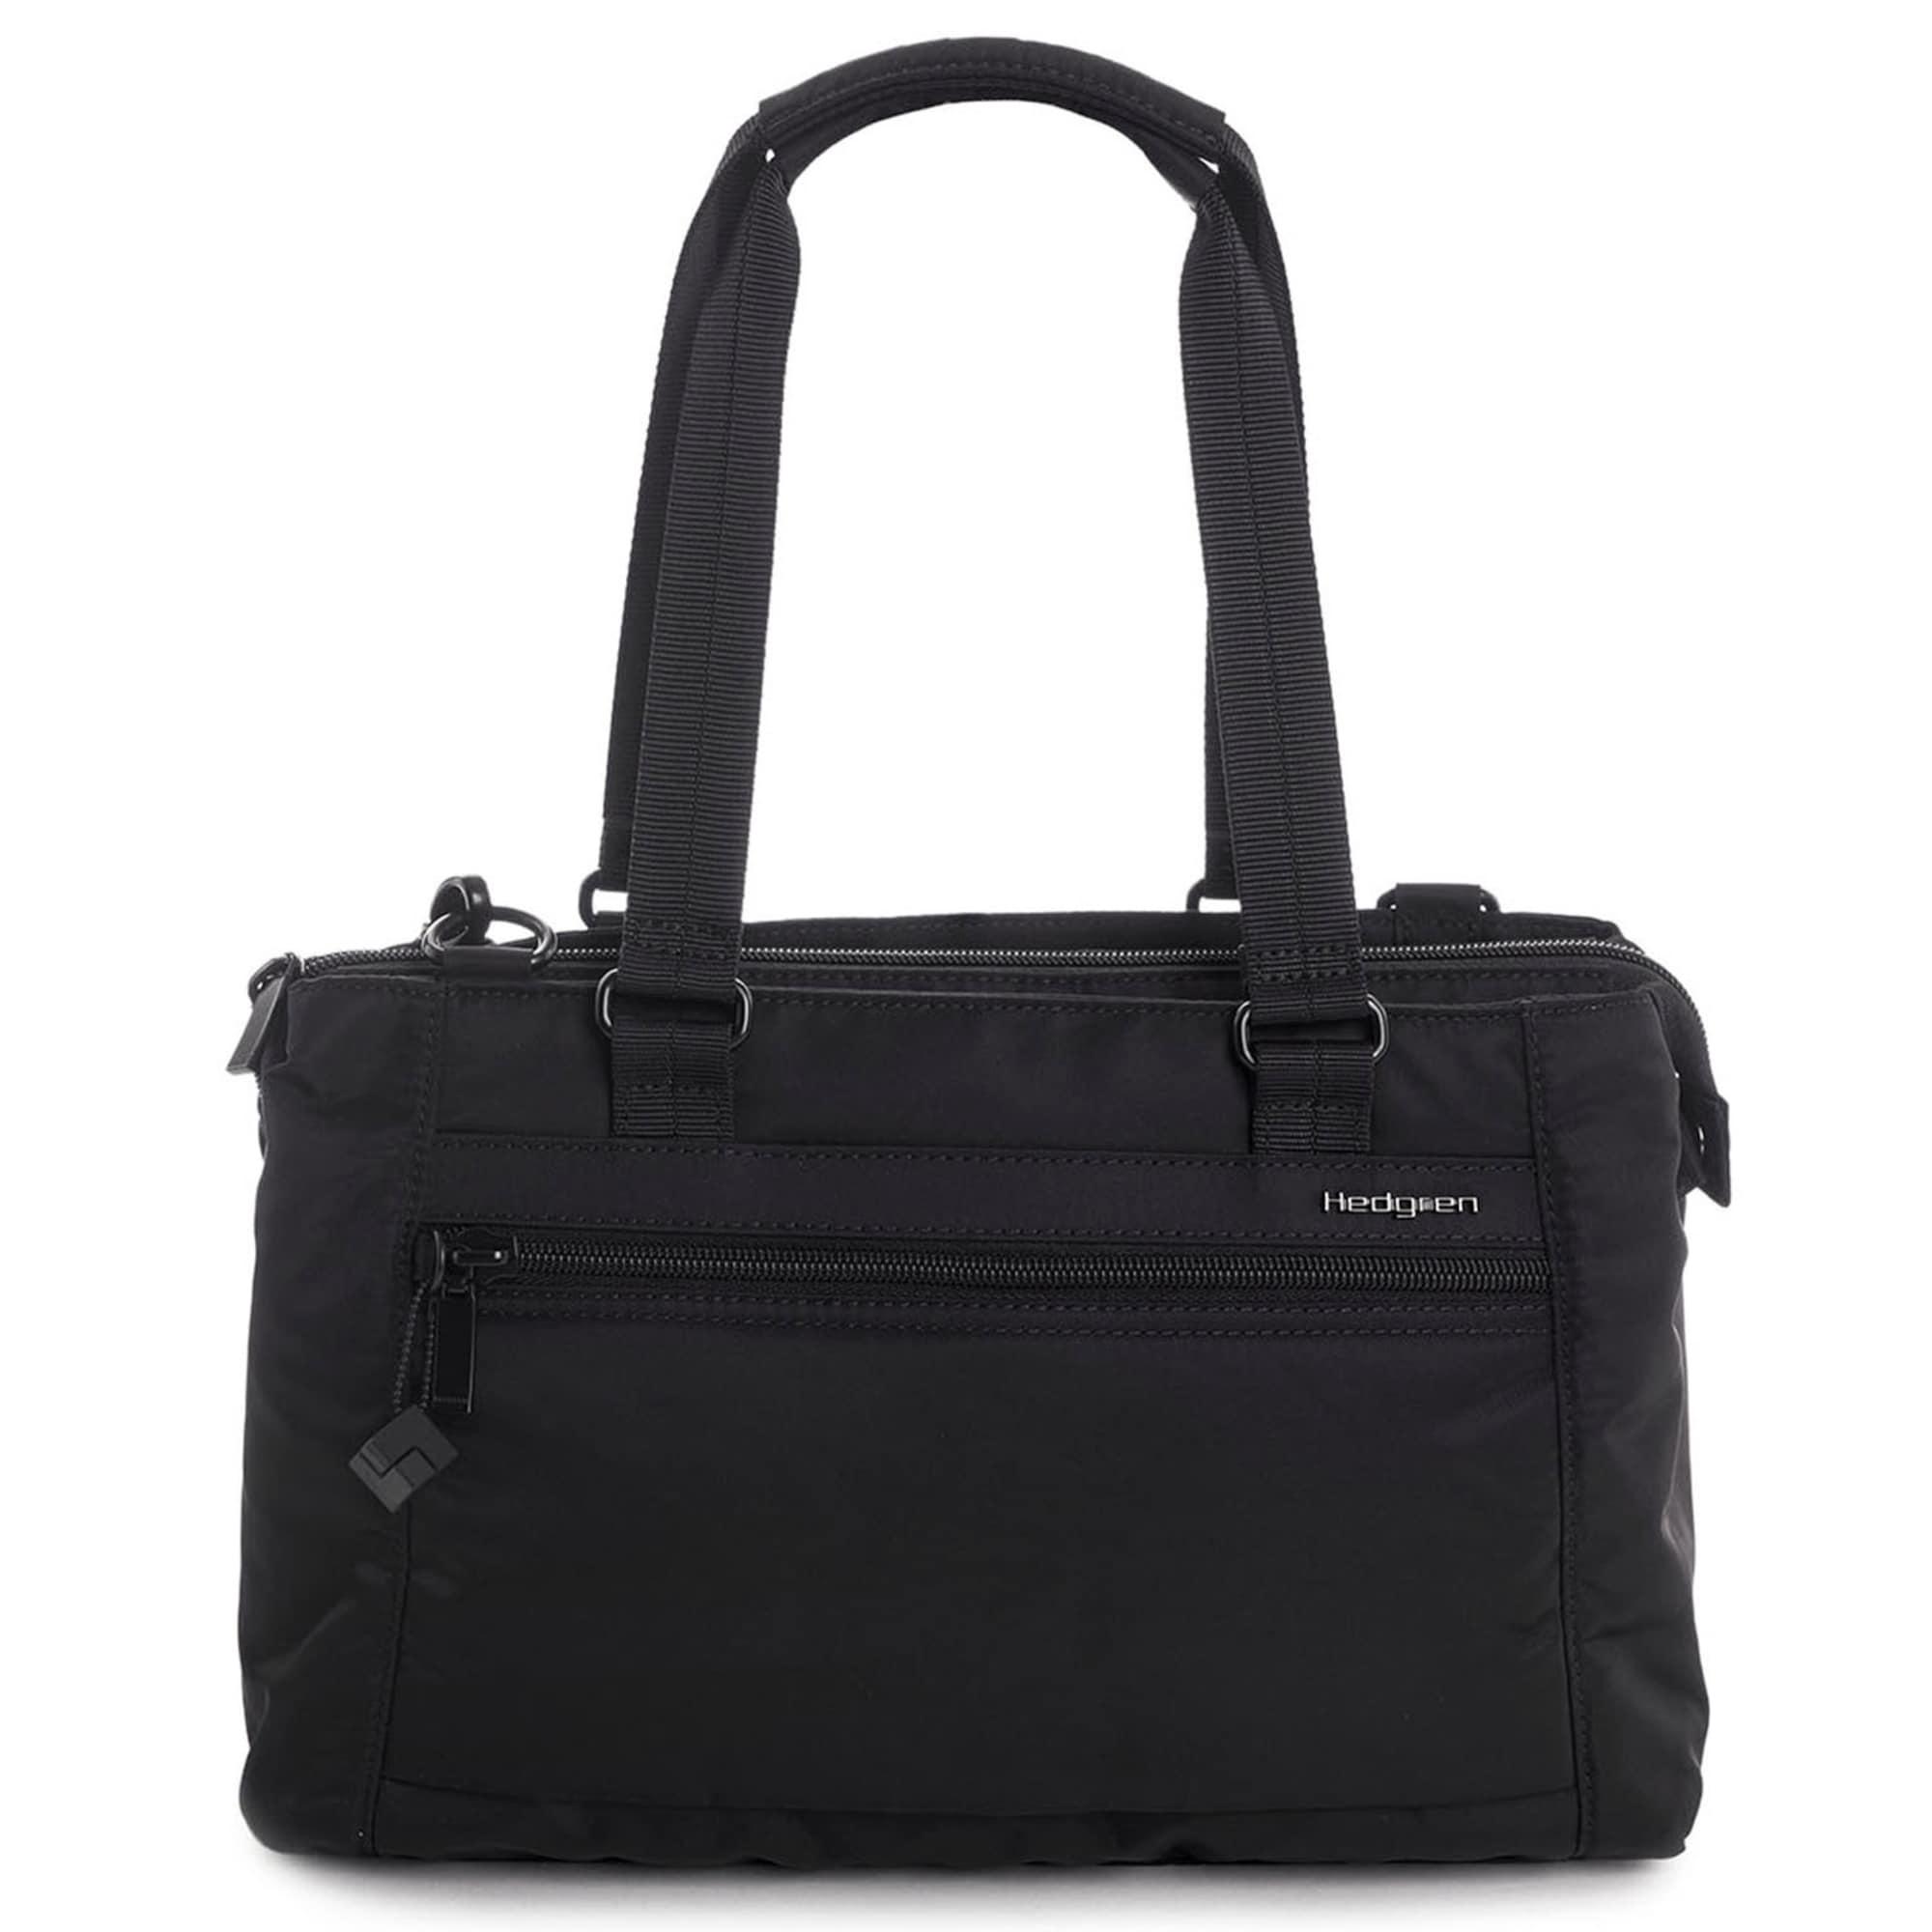 Schultertasche 'Inner City Eva S' | Taschen > Handtaschen > Schultertaschen | Hedgren